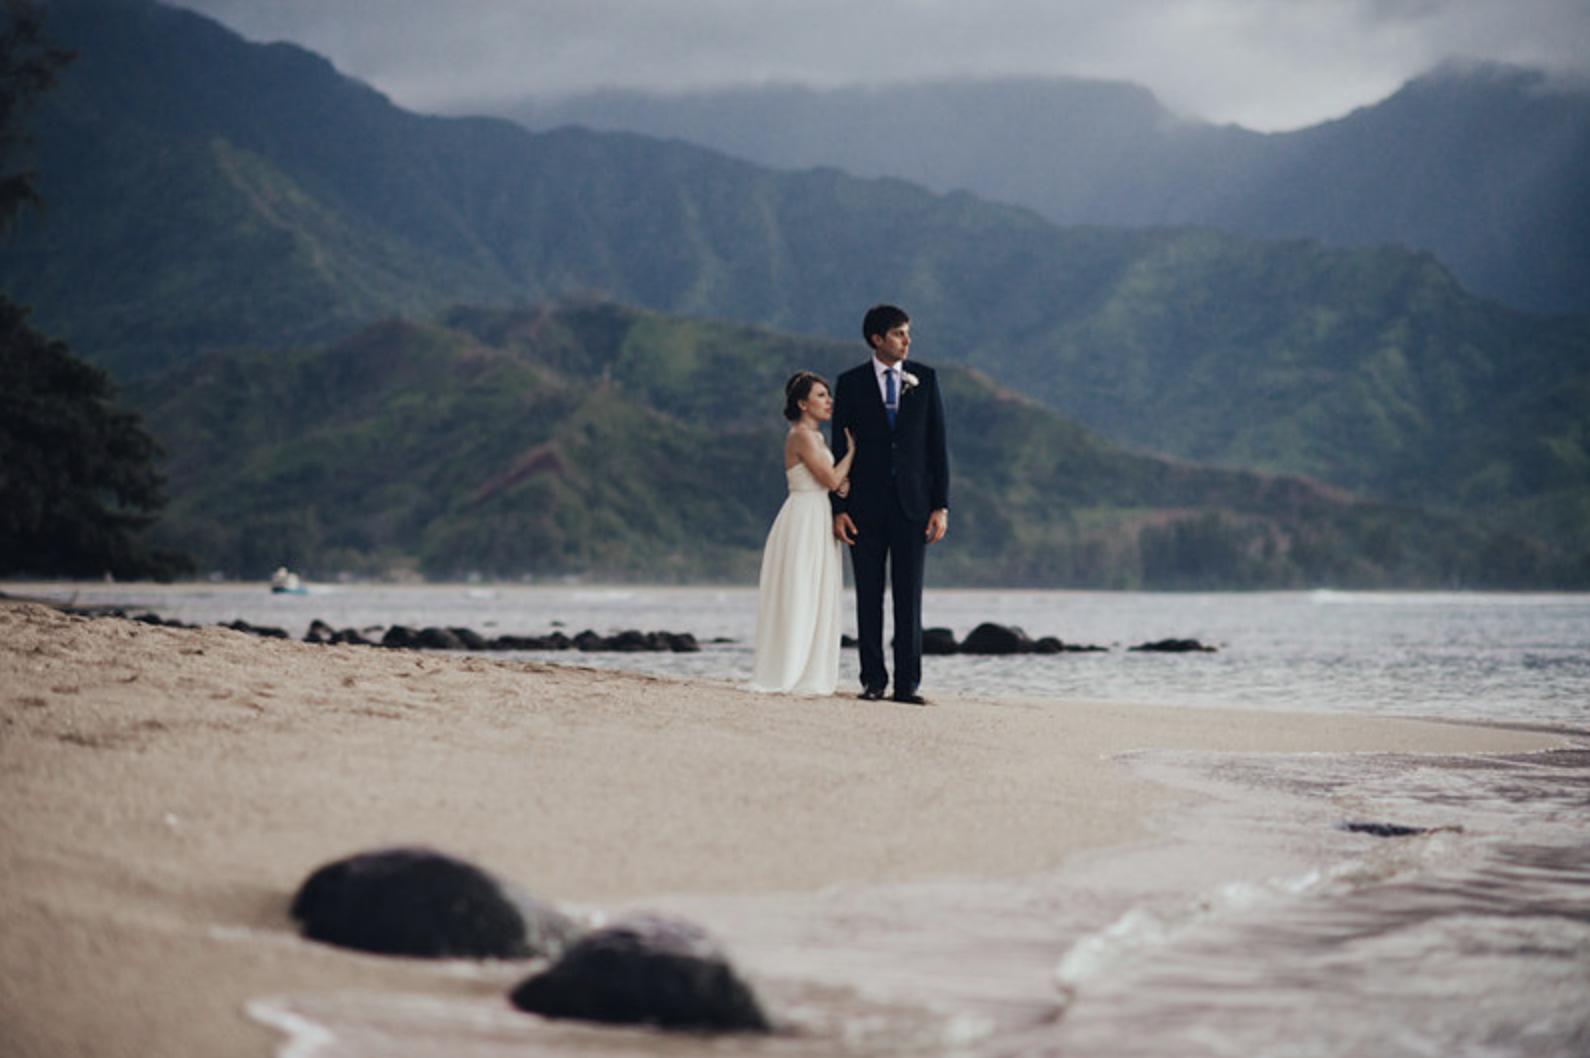 Renee + Nick, Kauai Island